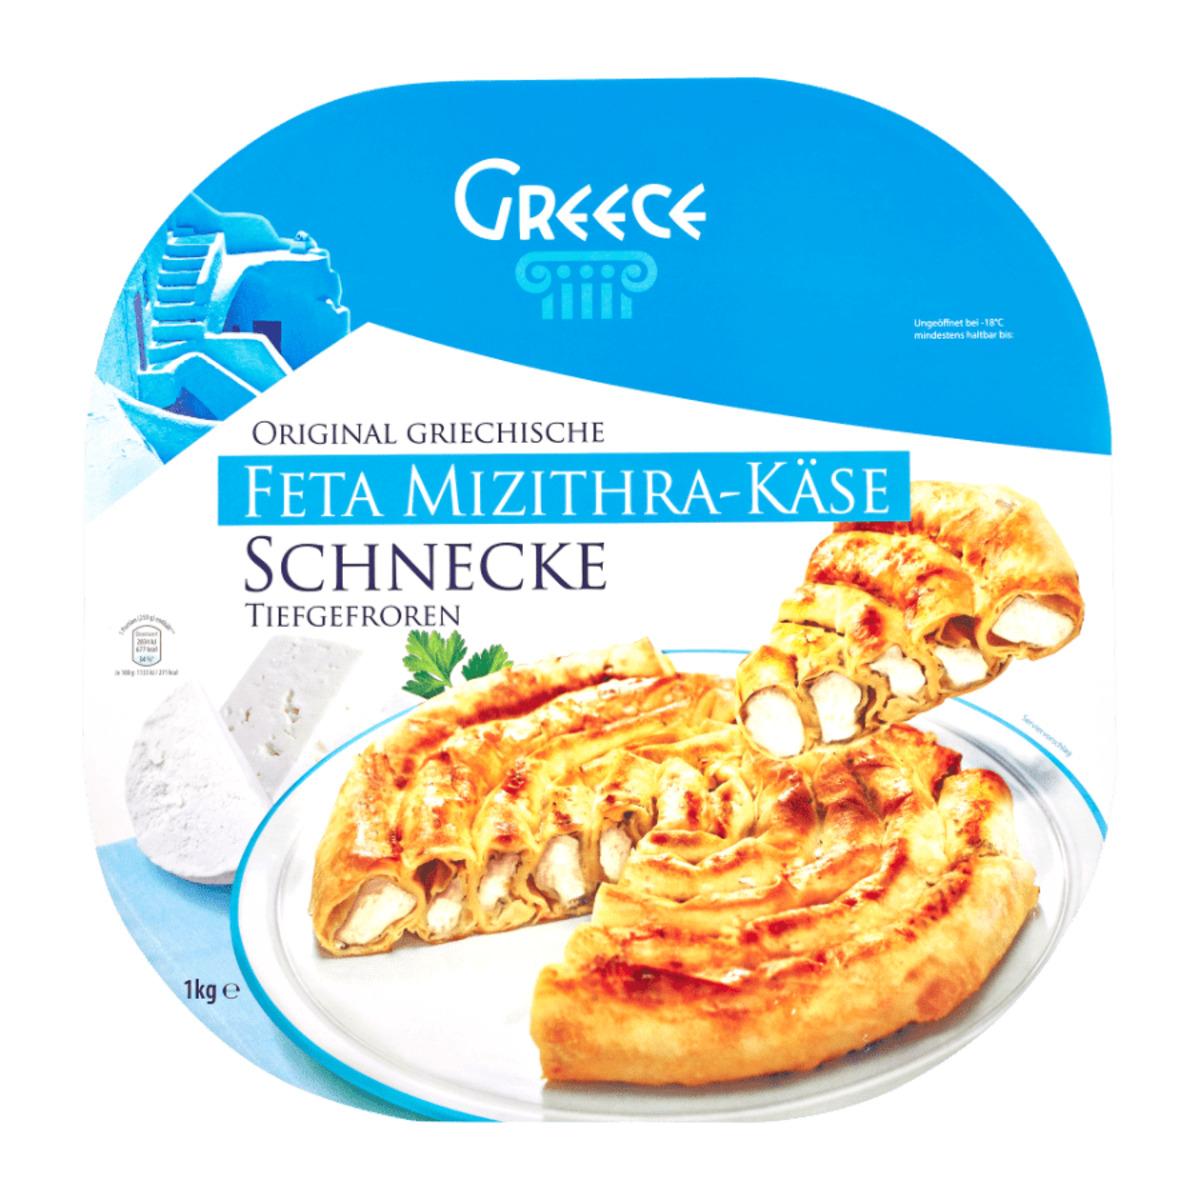 Bild 3 von GREECE     Blätterteigschnecke